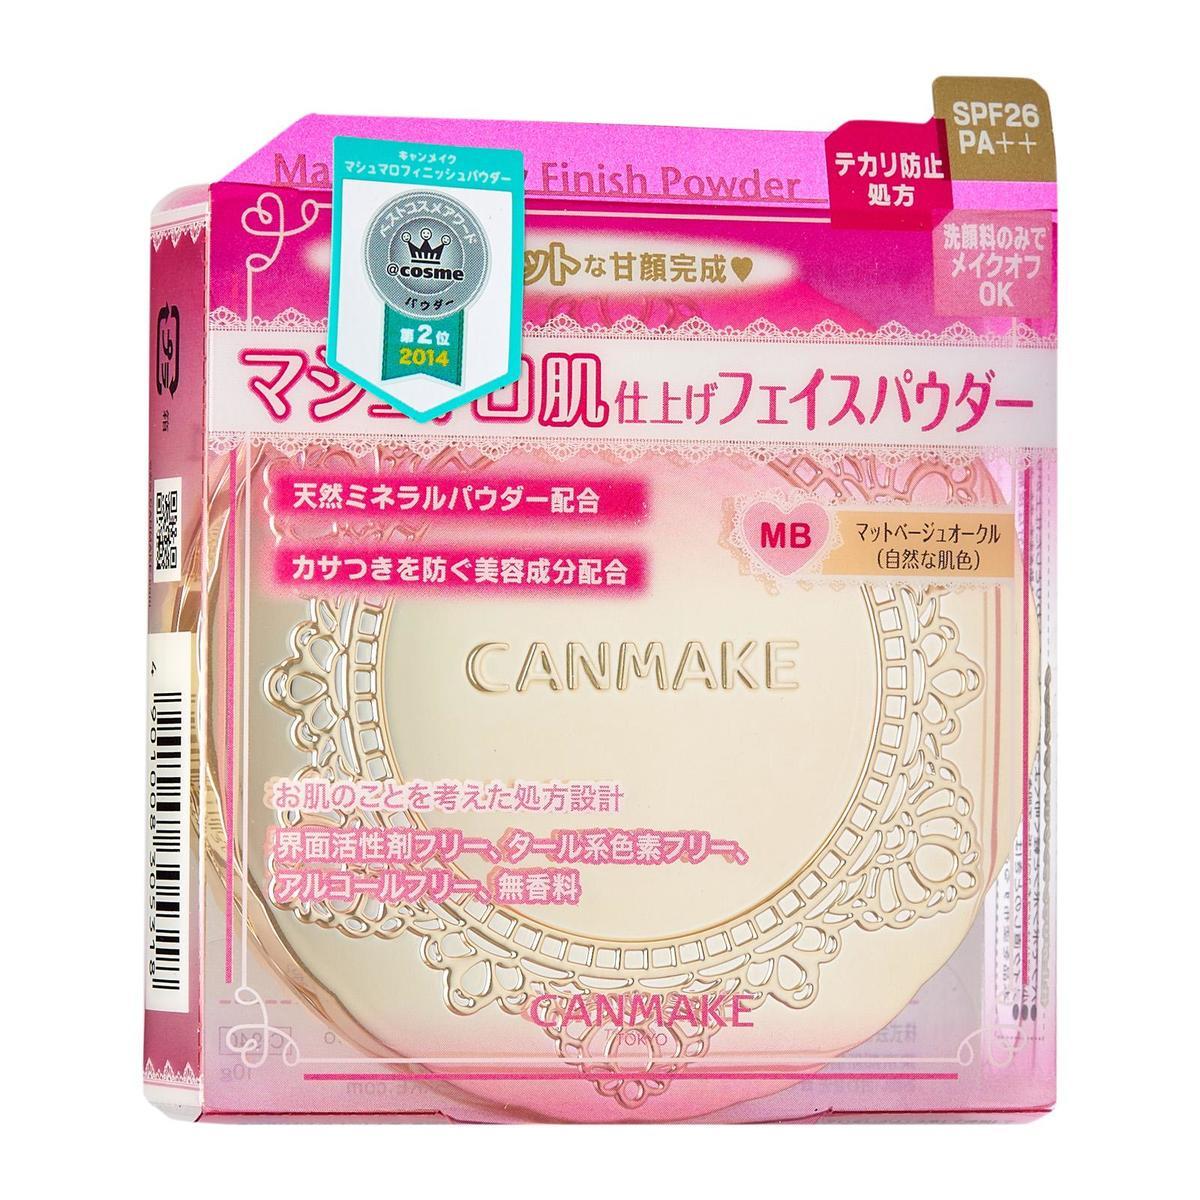 透亮美肌蜜粉餅 SPF26 PA++ (MB 自然膚色)